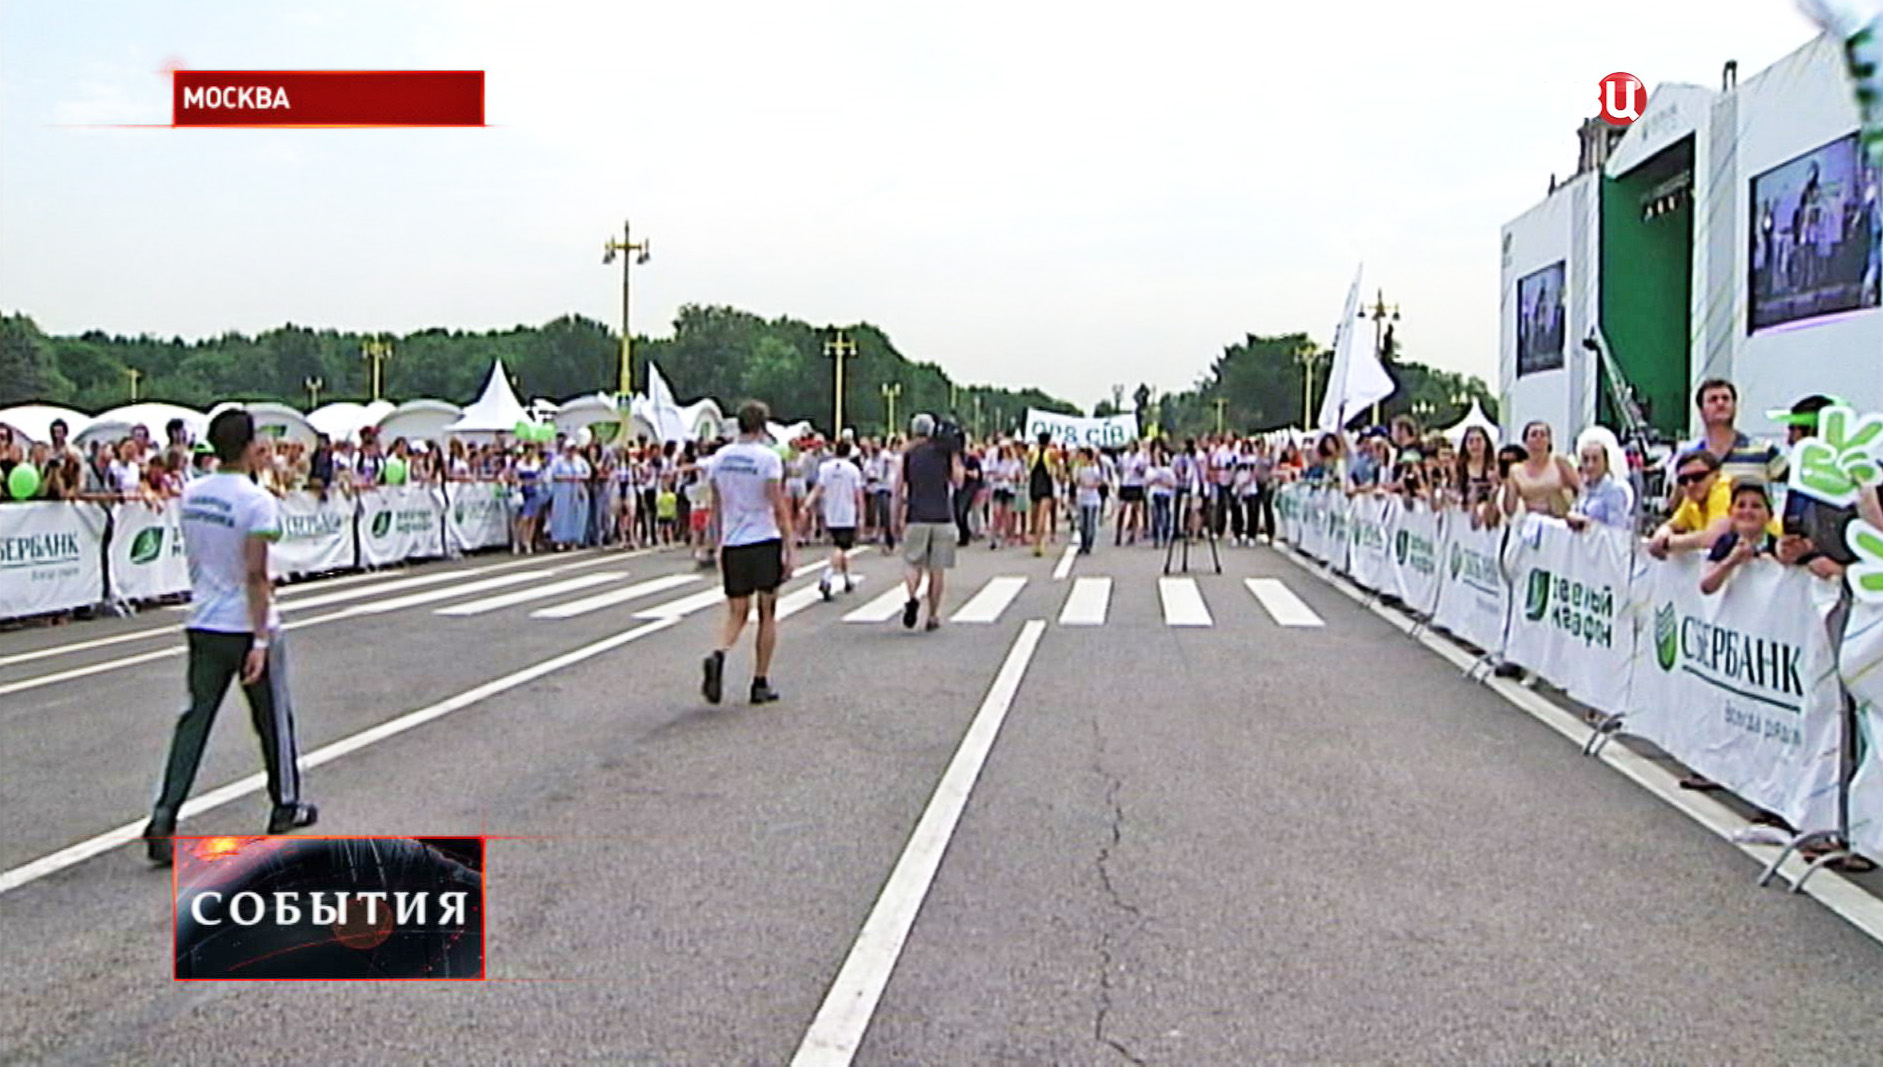 Зеленый марафон в Москве